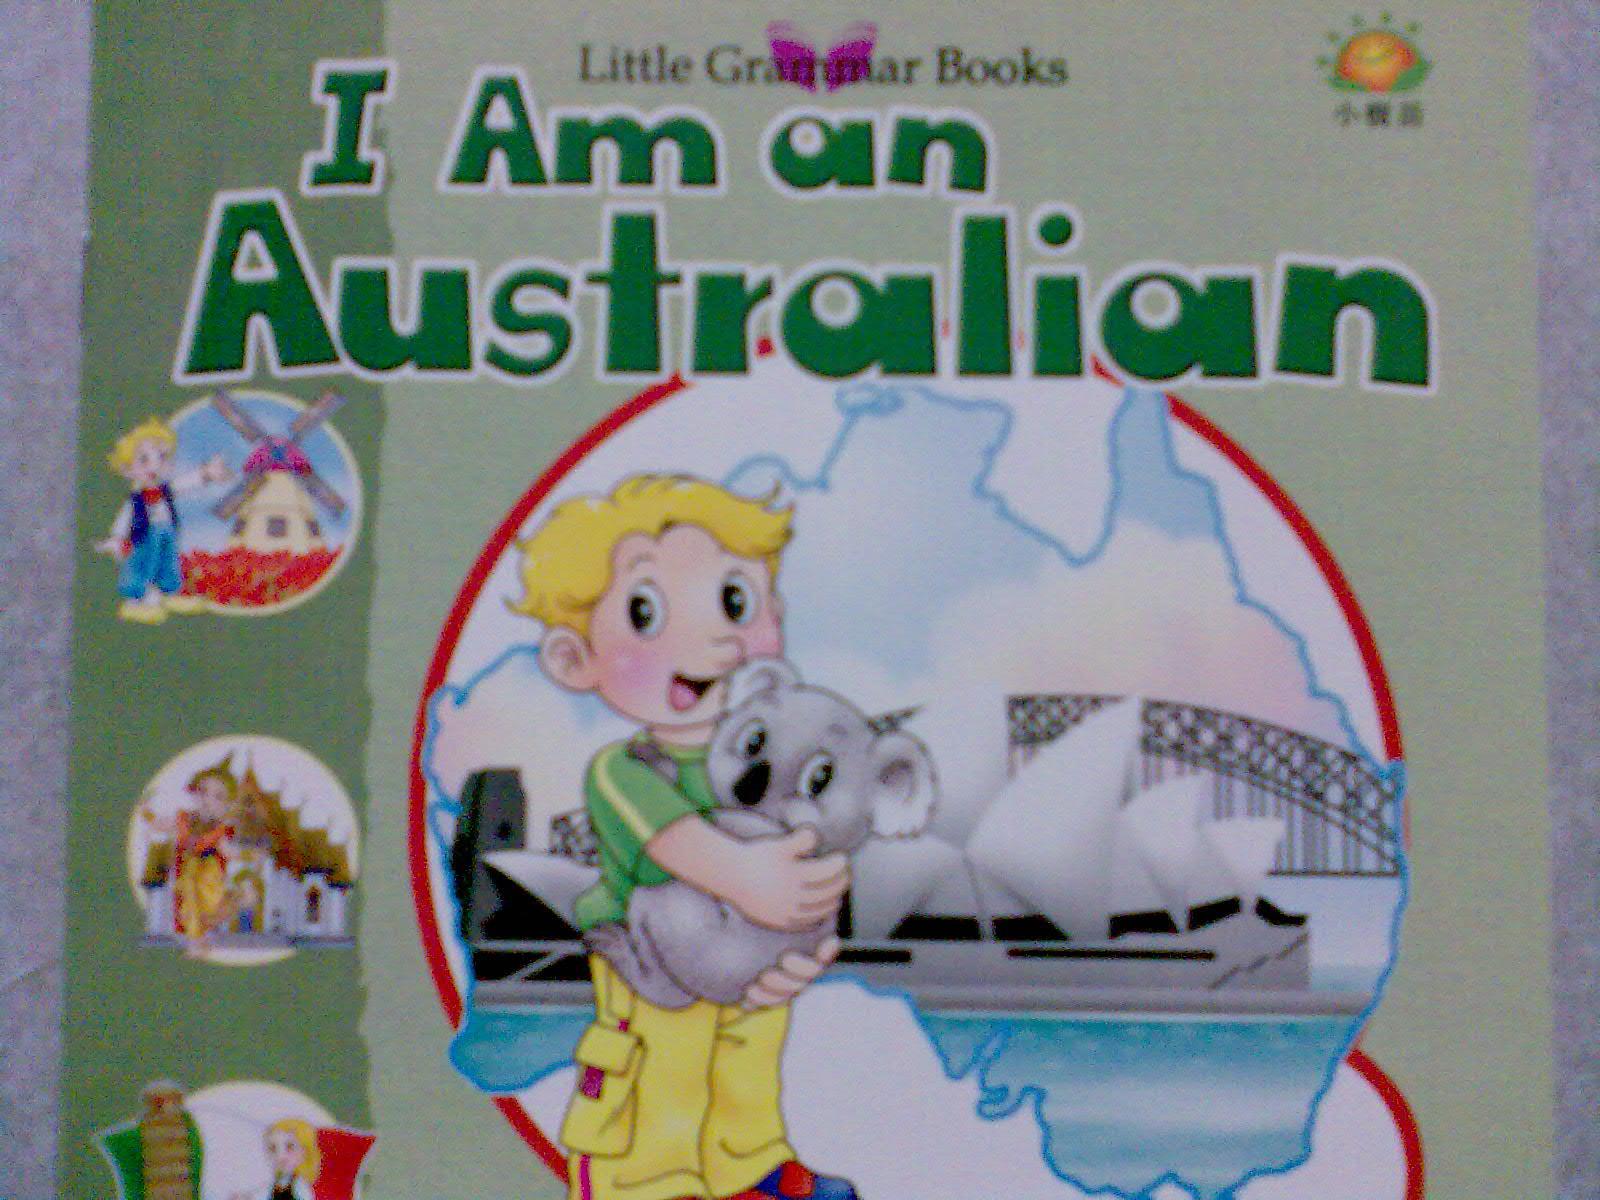 I am an Australian